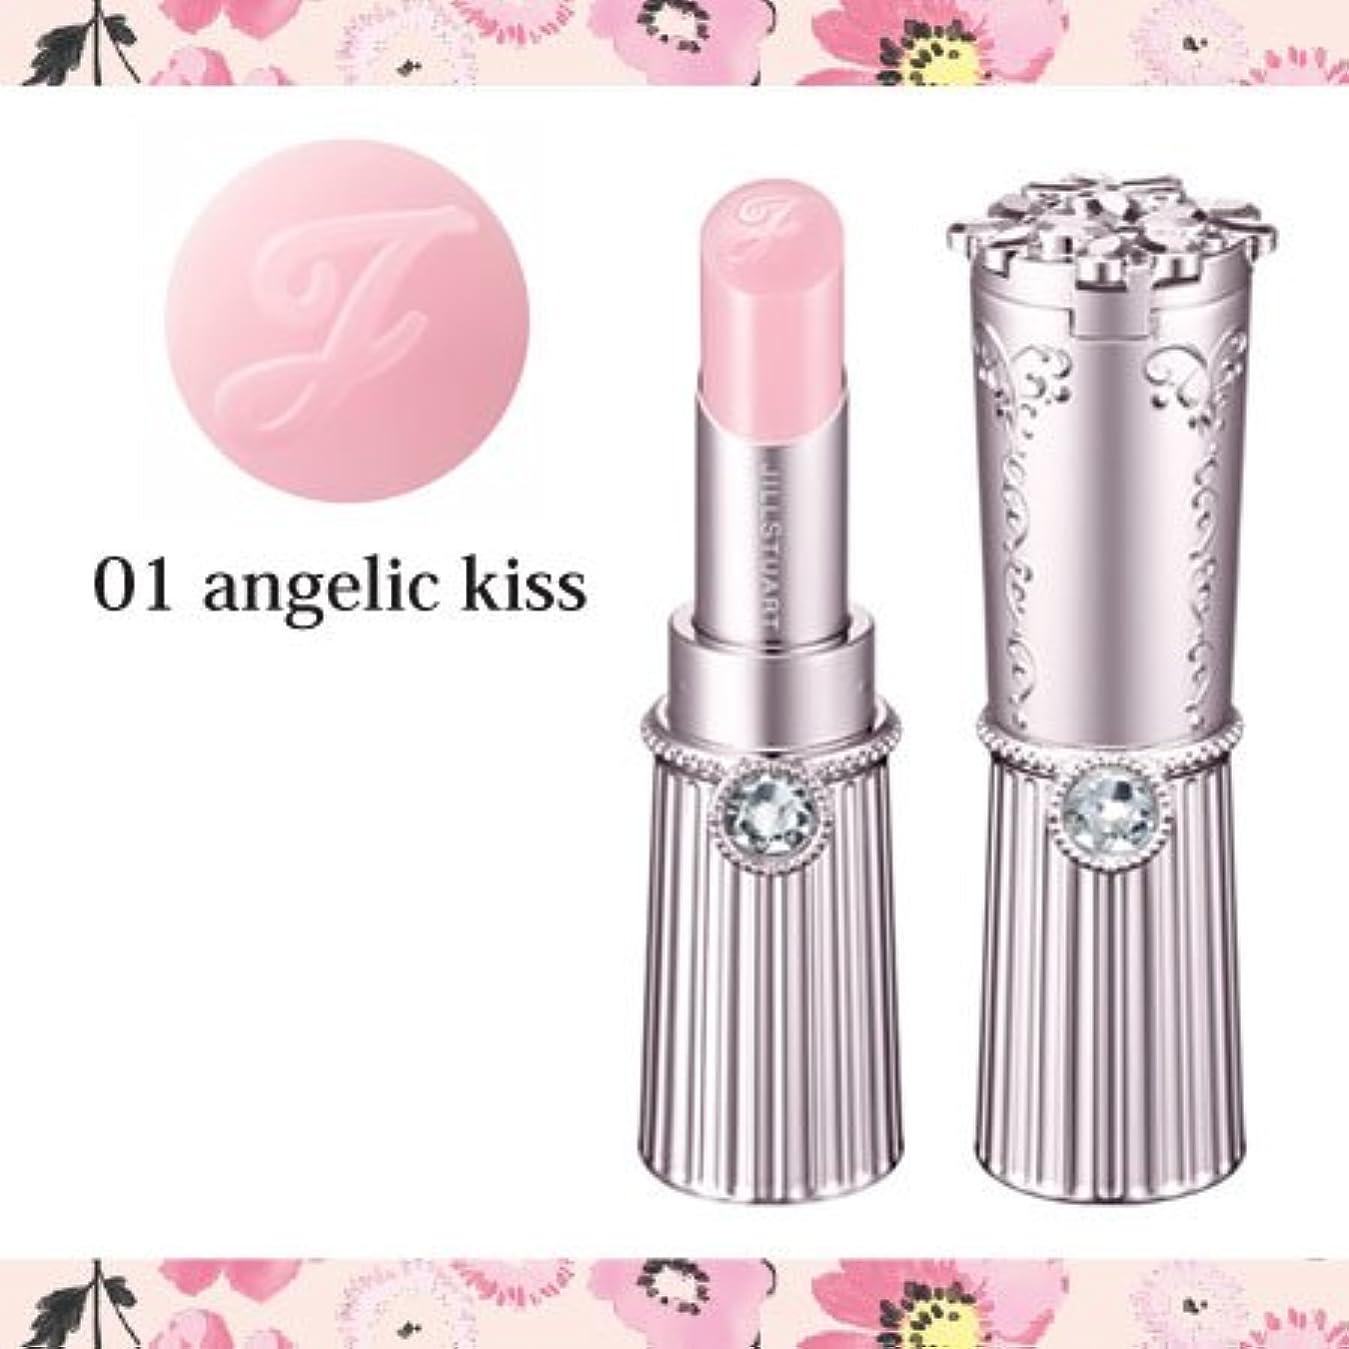 ボス微弱イヤホンジルスチュアート リップグロウ バーム #01 angelic kiss -JILLSTUART-